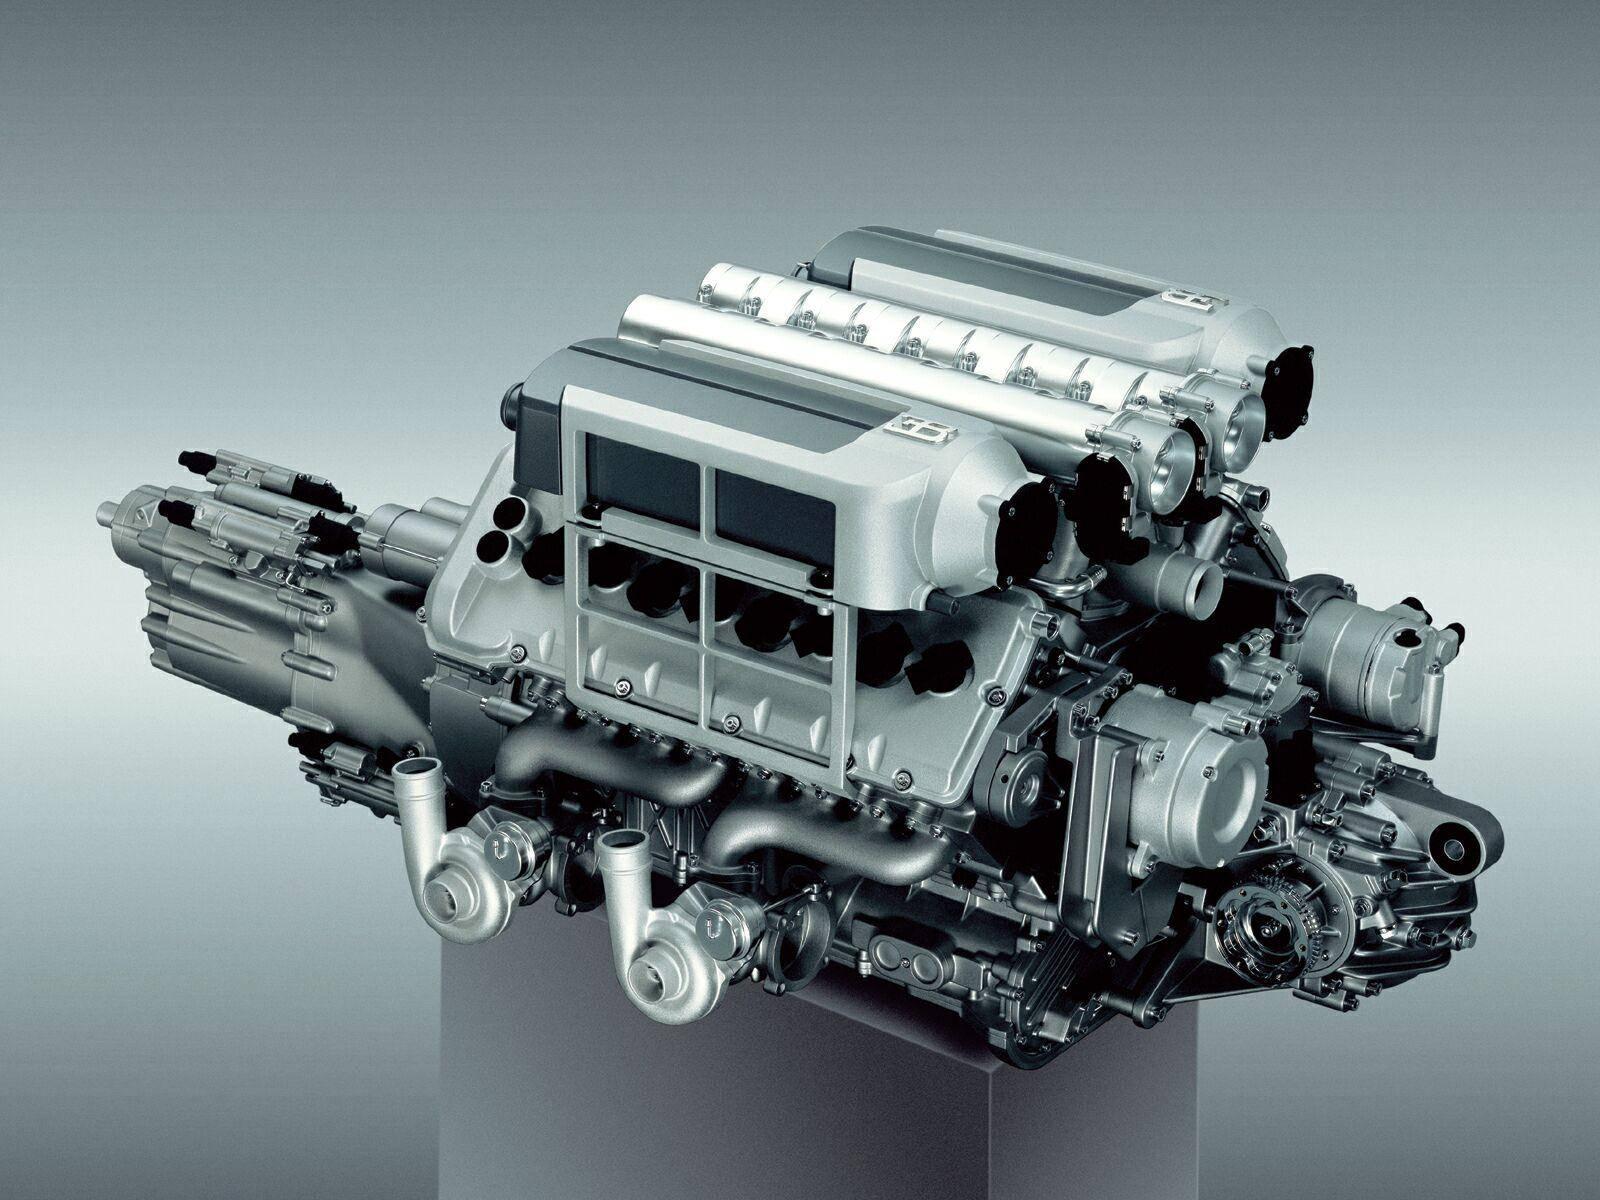 Motor Bugatti Veyron wallpaper, фото, обои для рабочего стола, машина, скачать, двигатель 1001 л.с.